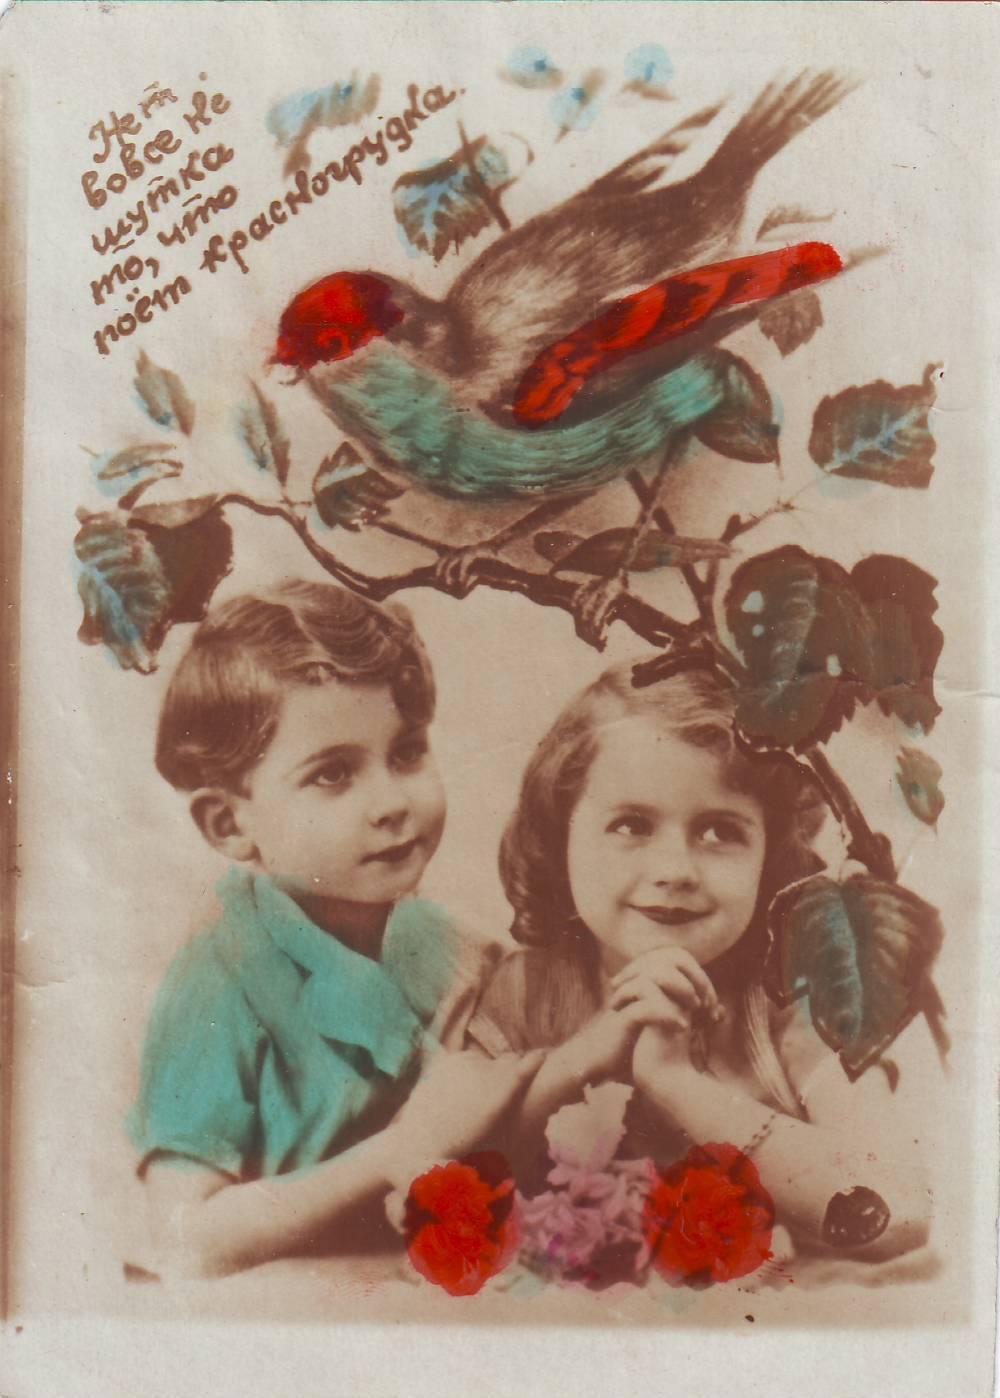 открытки нелегальные отбросило встречную